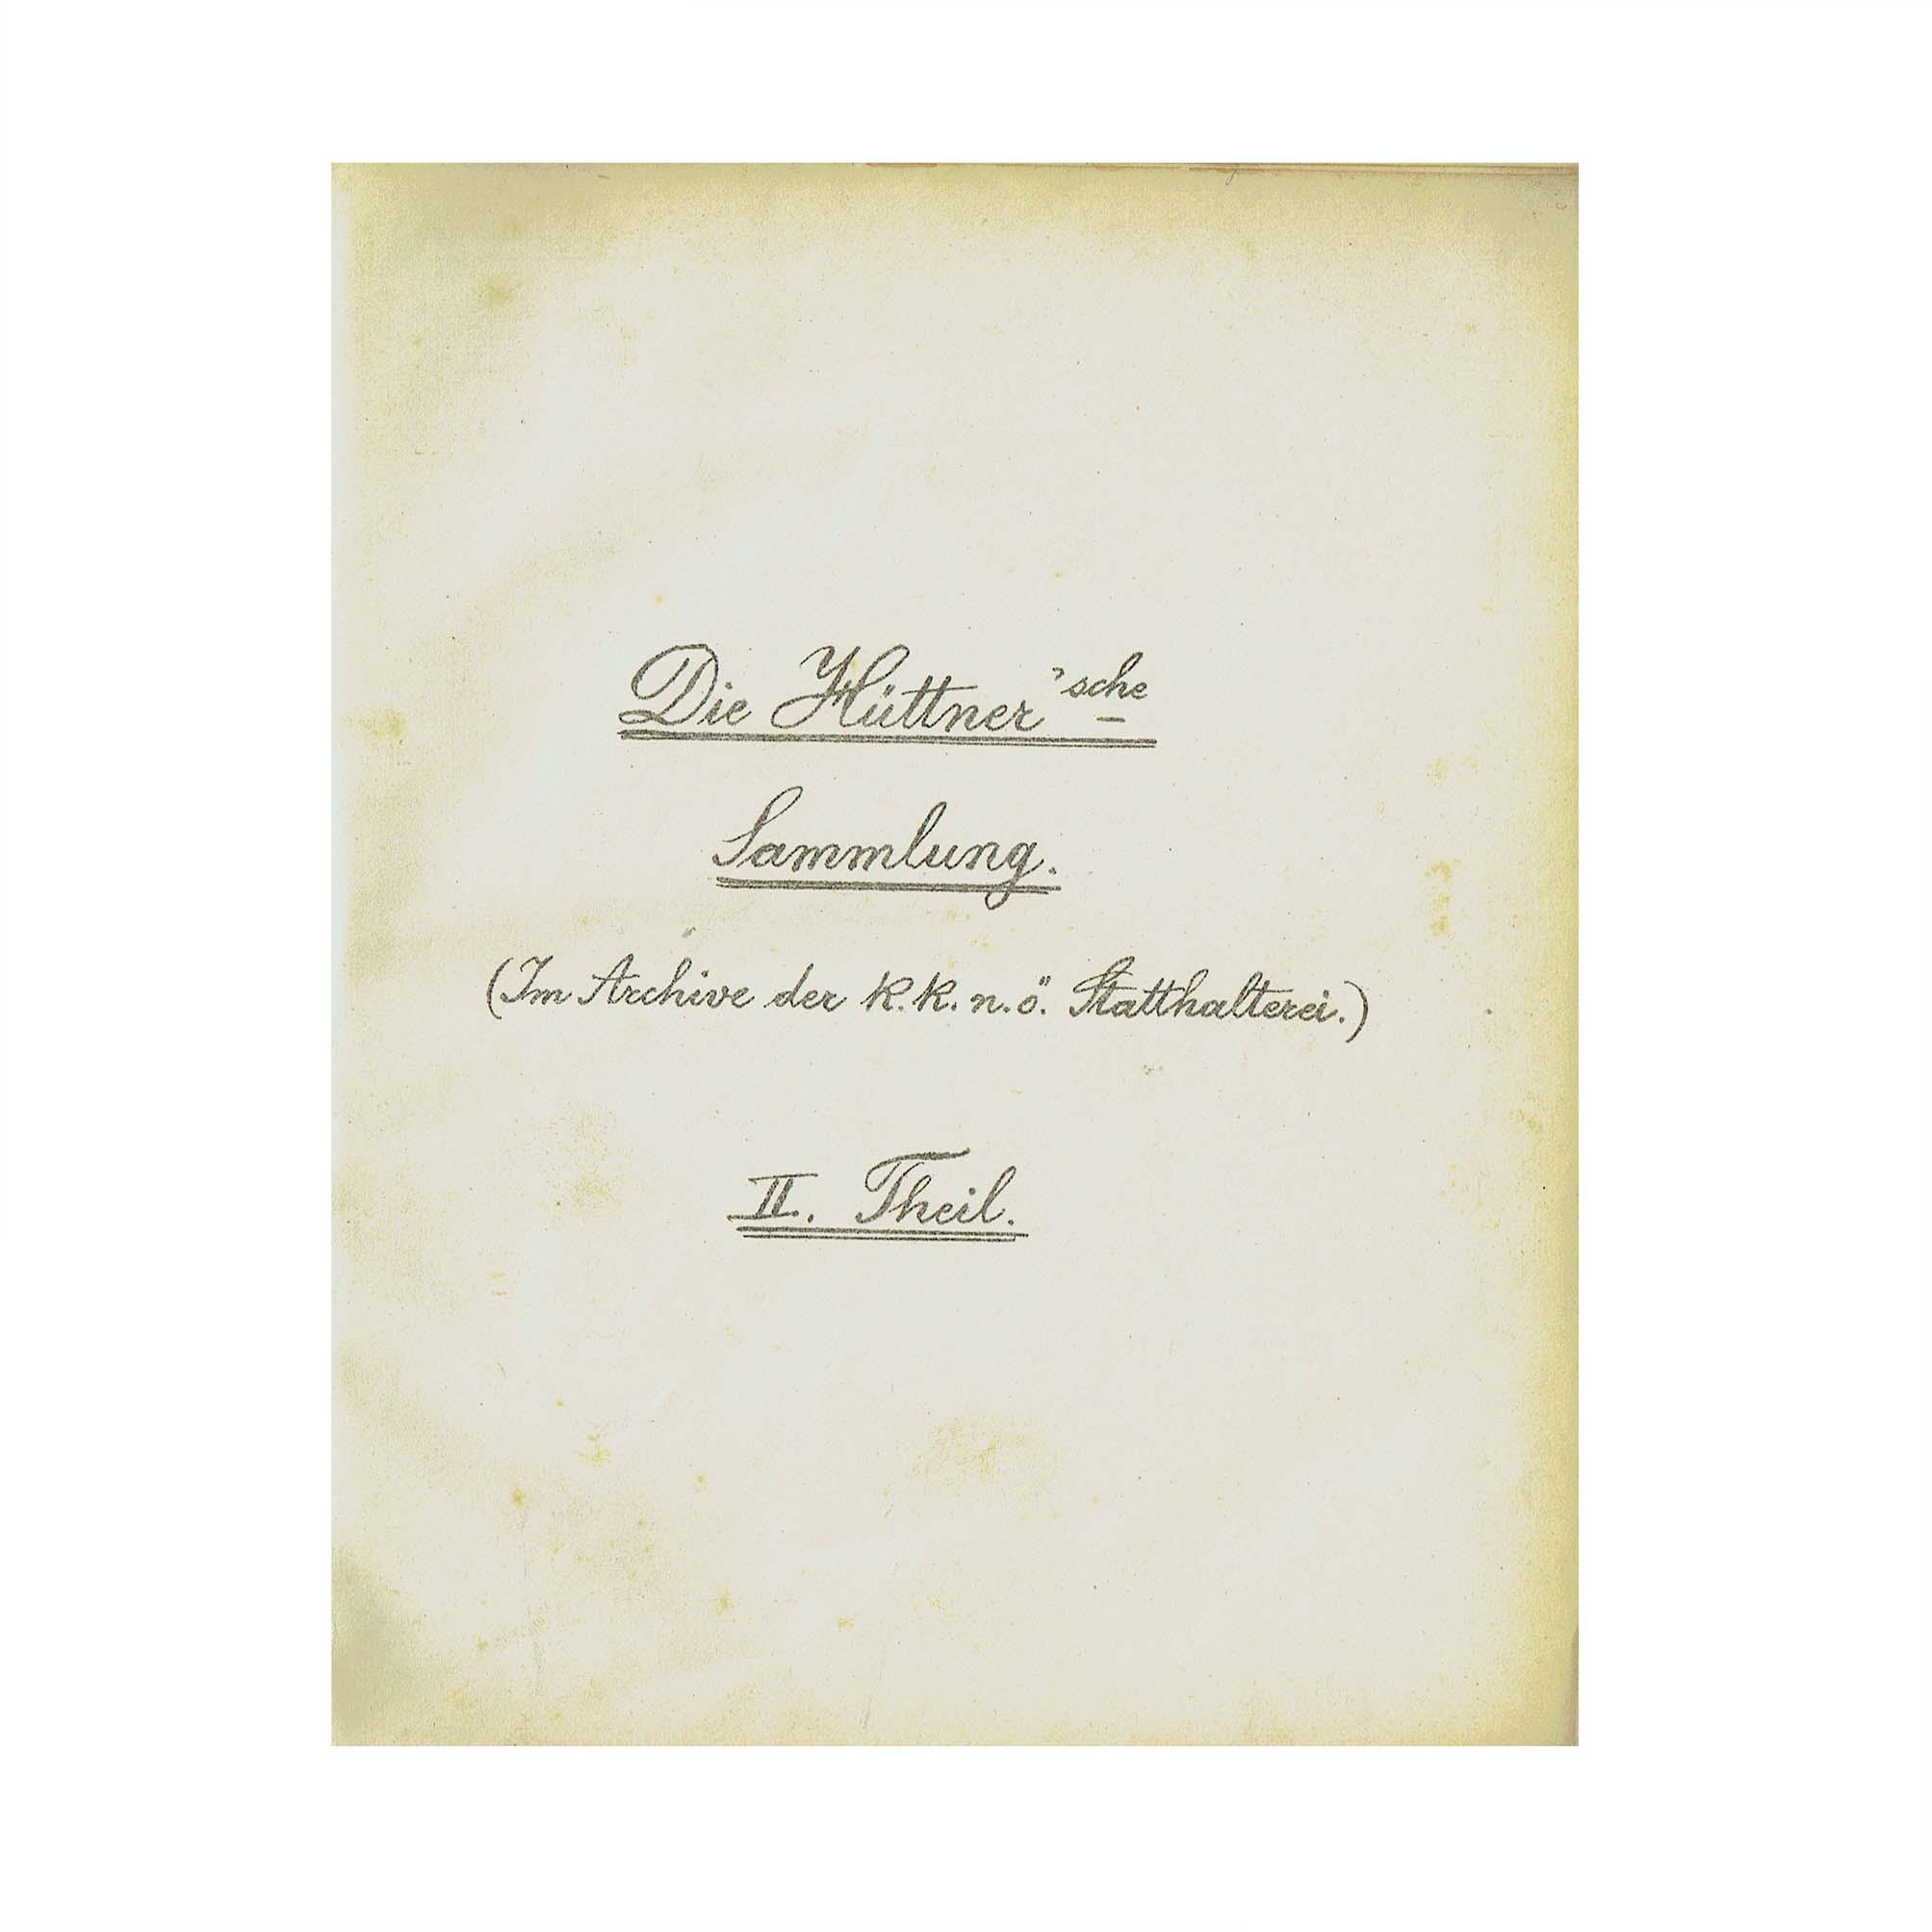 5494-Hüttner-Handschriften-Sammlung-NÖ-Titel-N.jpg